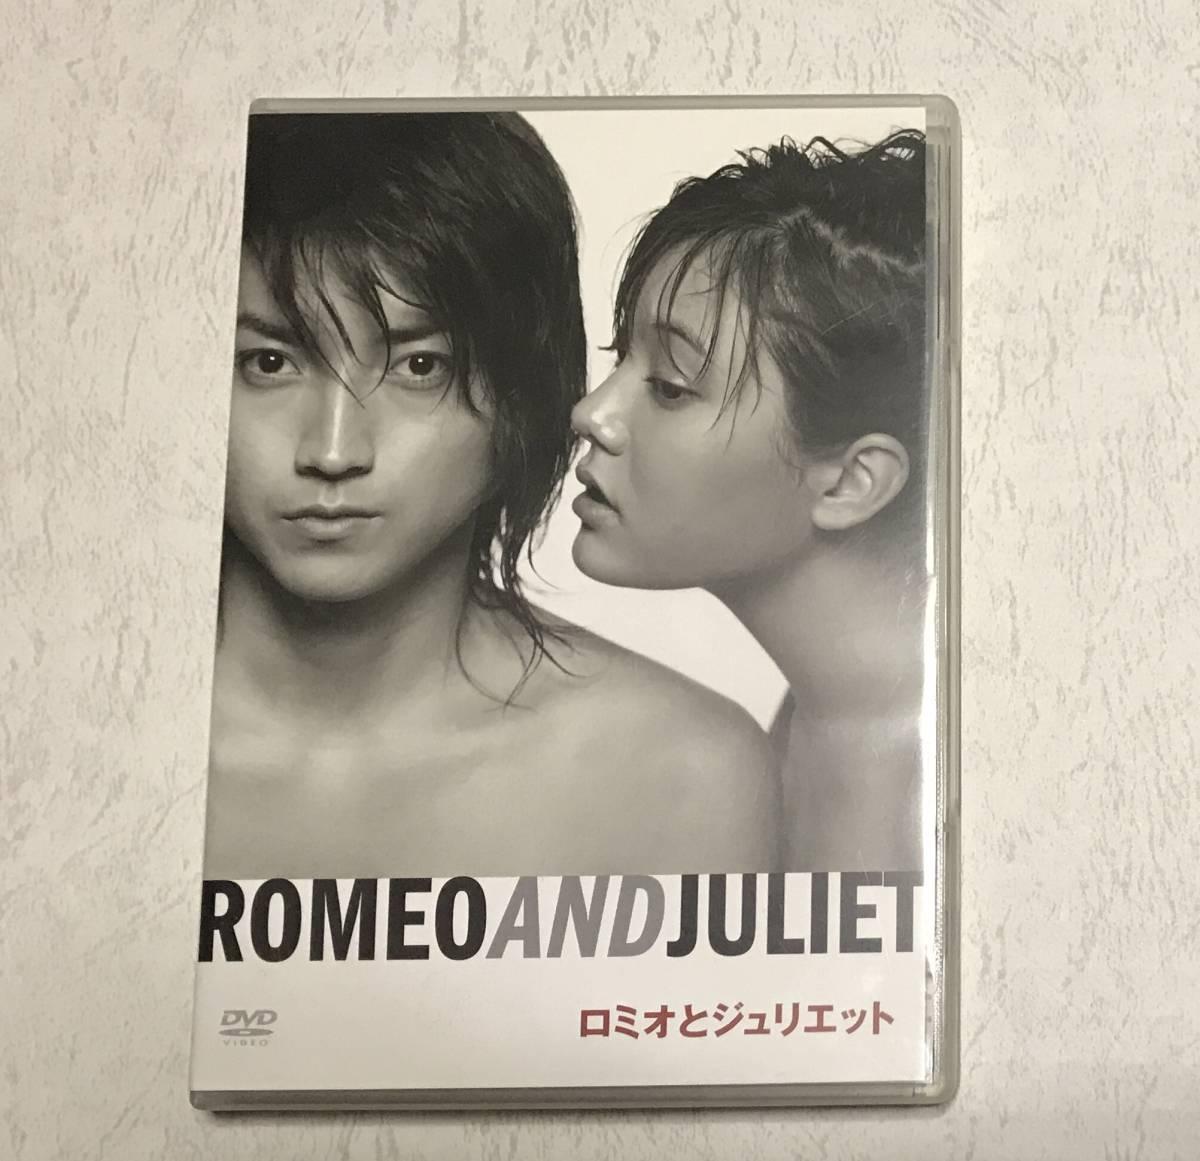 ロミオとジュリエット 蜷川幸雄 藤原竜也 鈴木杏 DVD グッズの画像